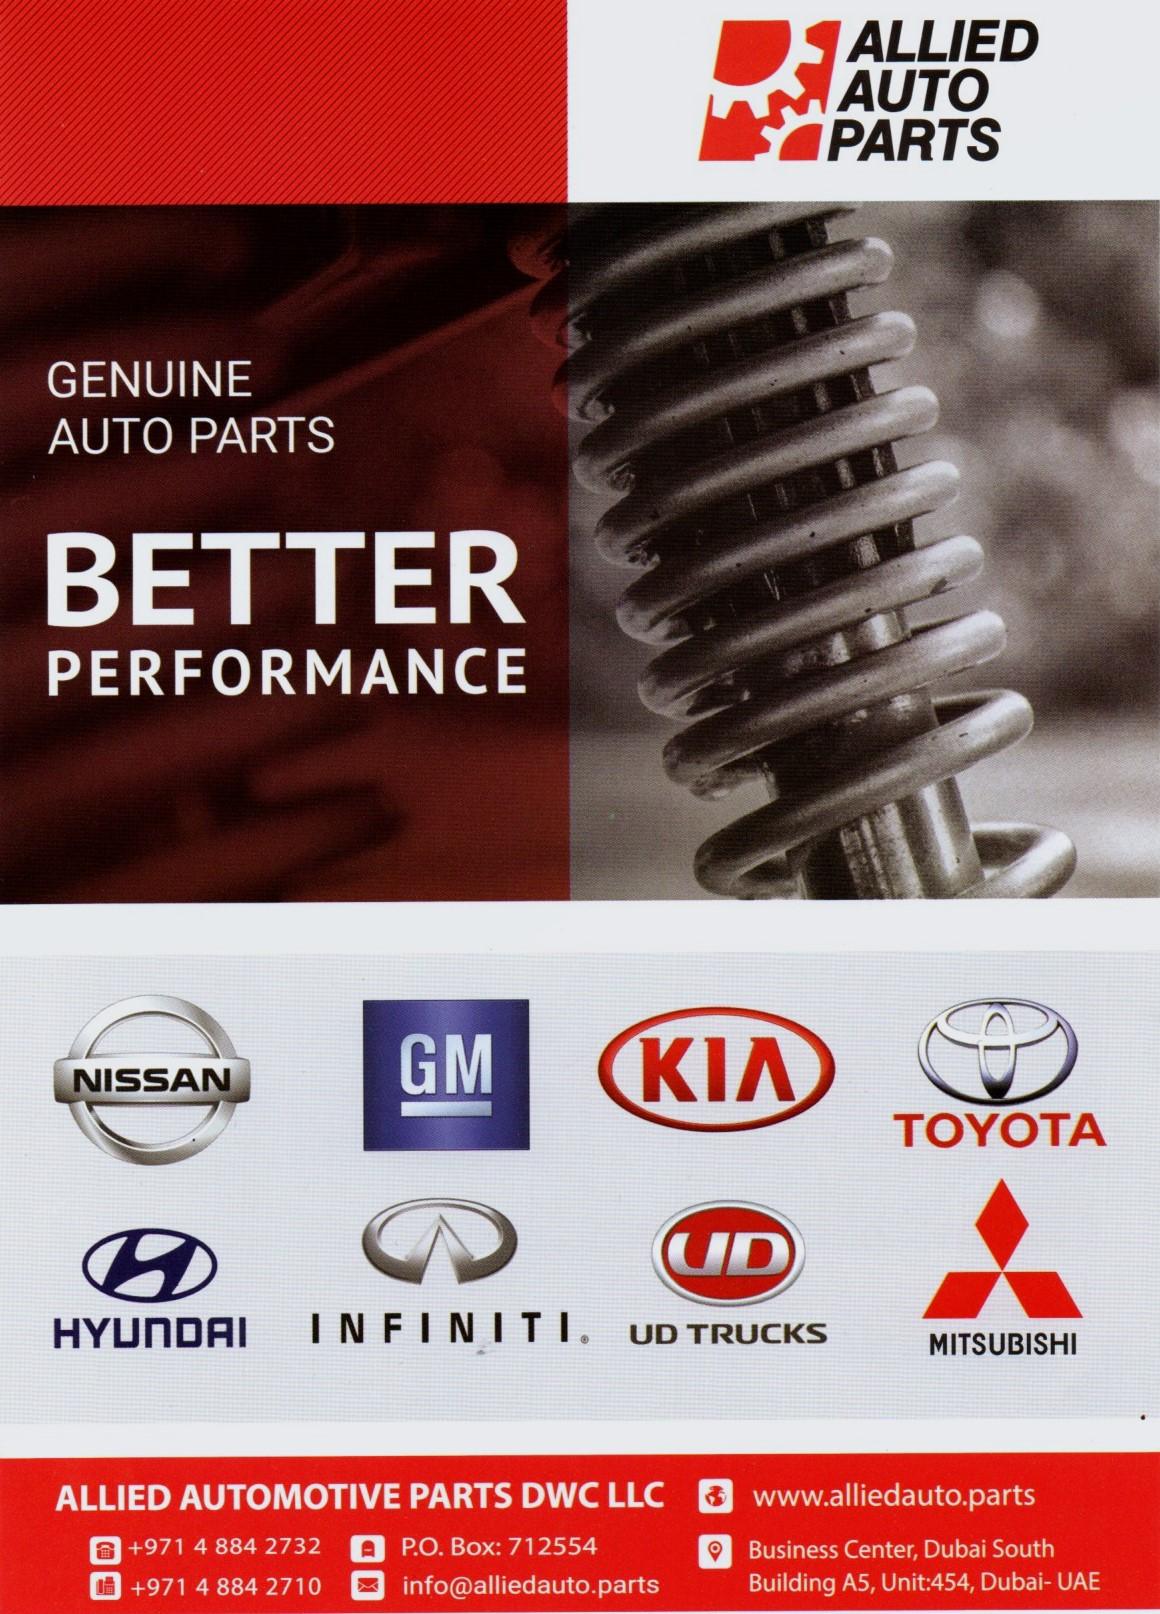 Toyota, Nissan, KIA, Hyundai, Mitsubishi, RS200 Oils